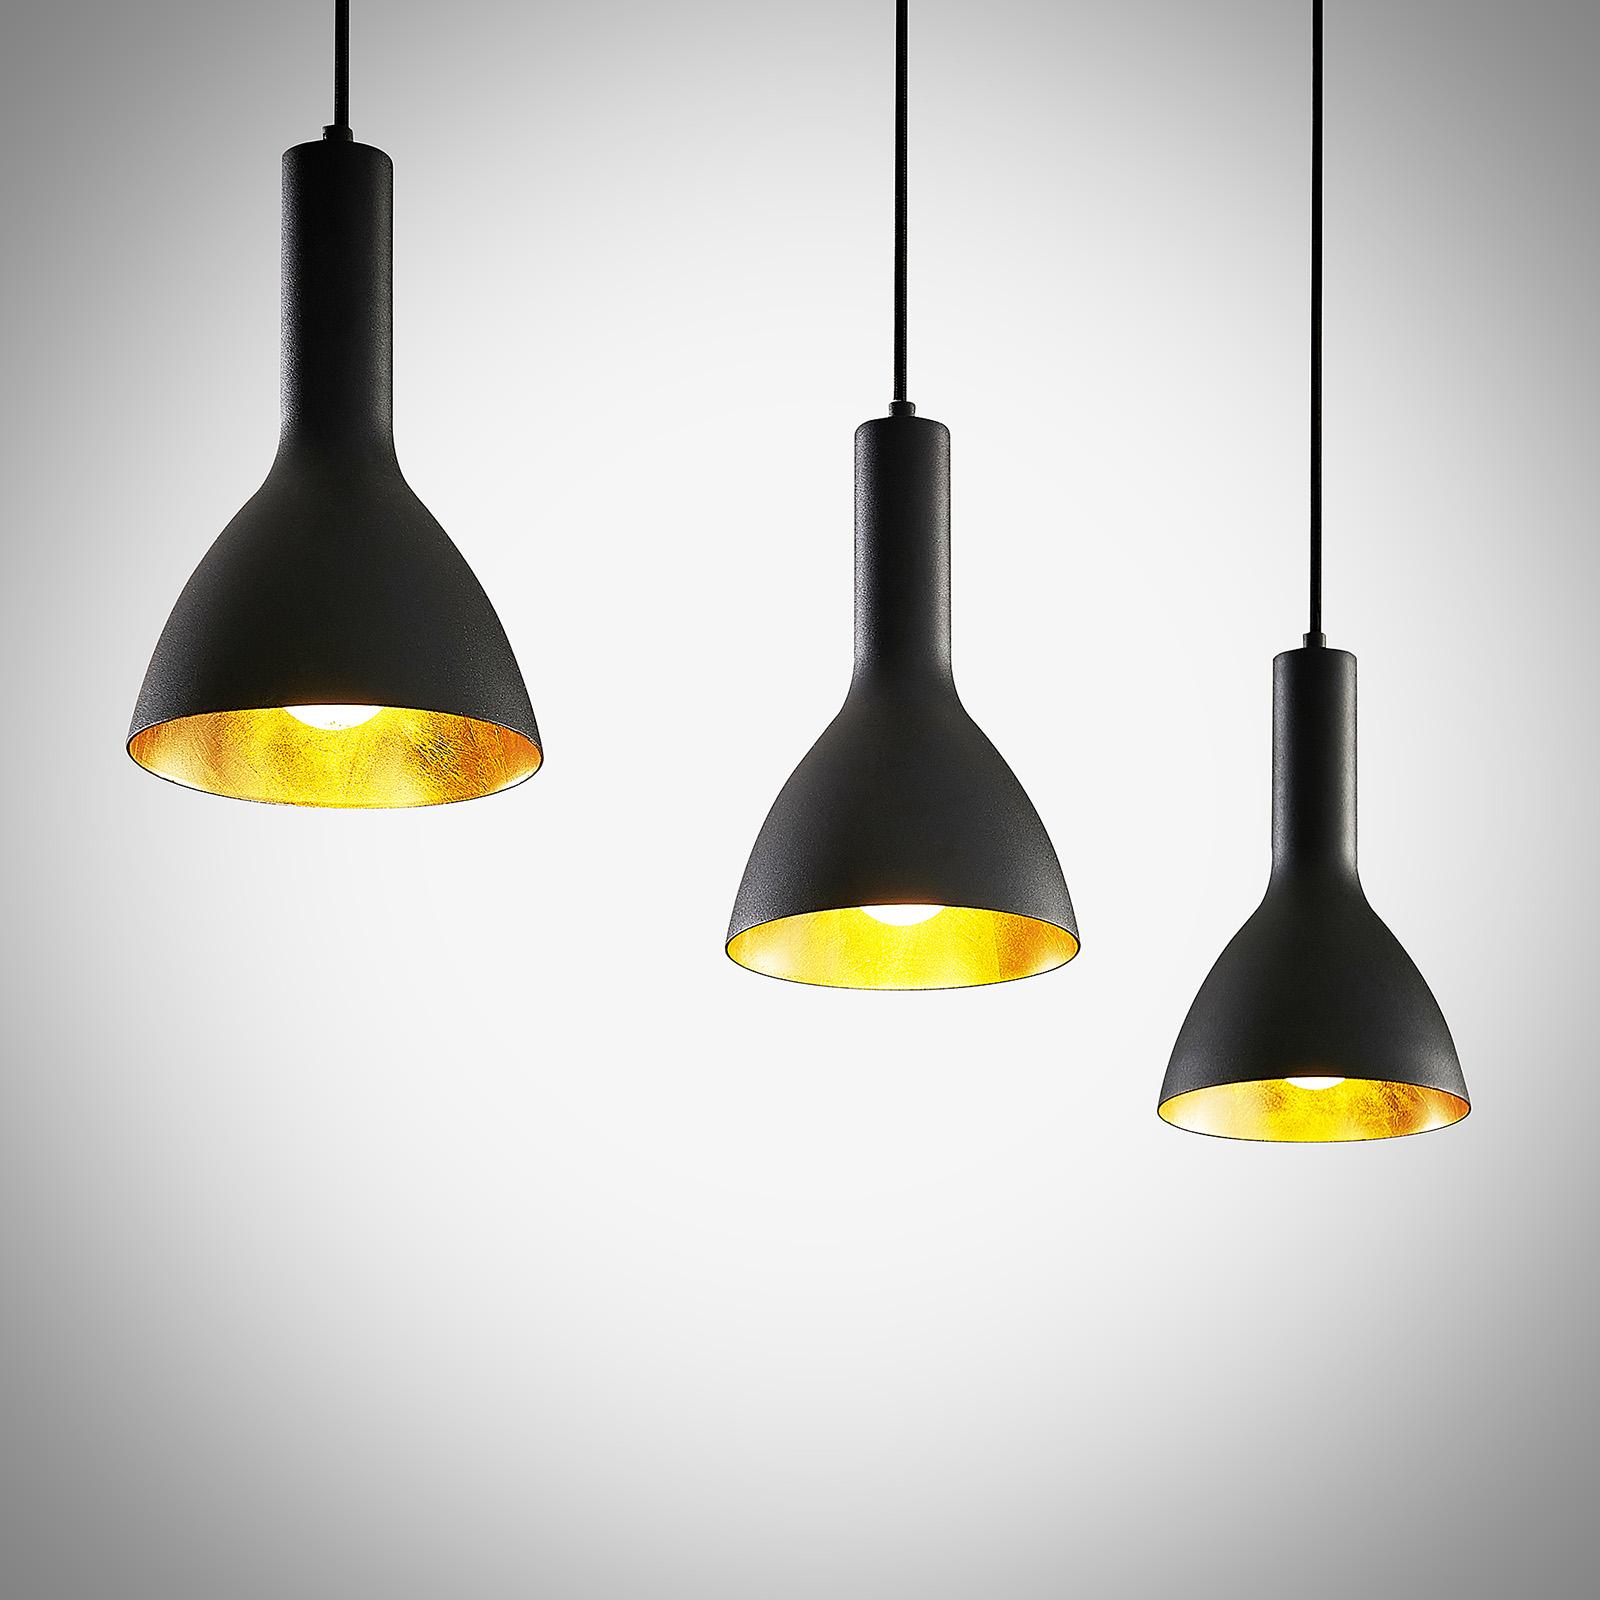 Arcchio Cosmina hanglamp, 3-lamps lang zwart